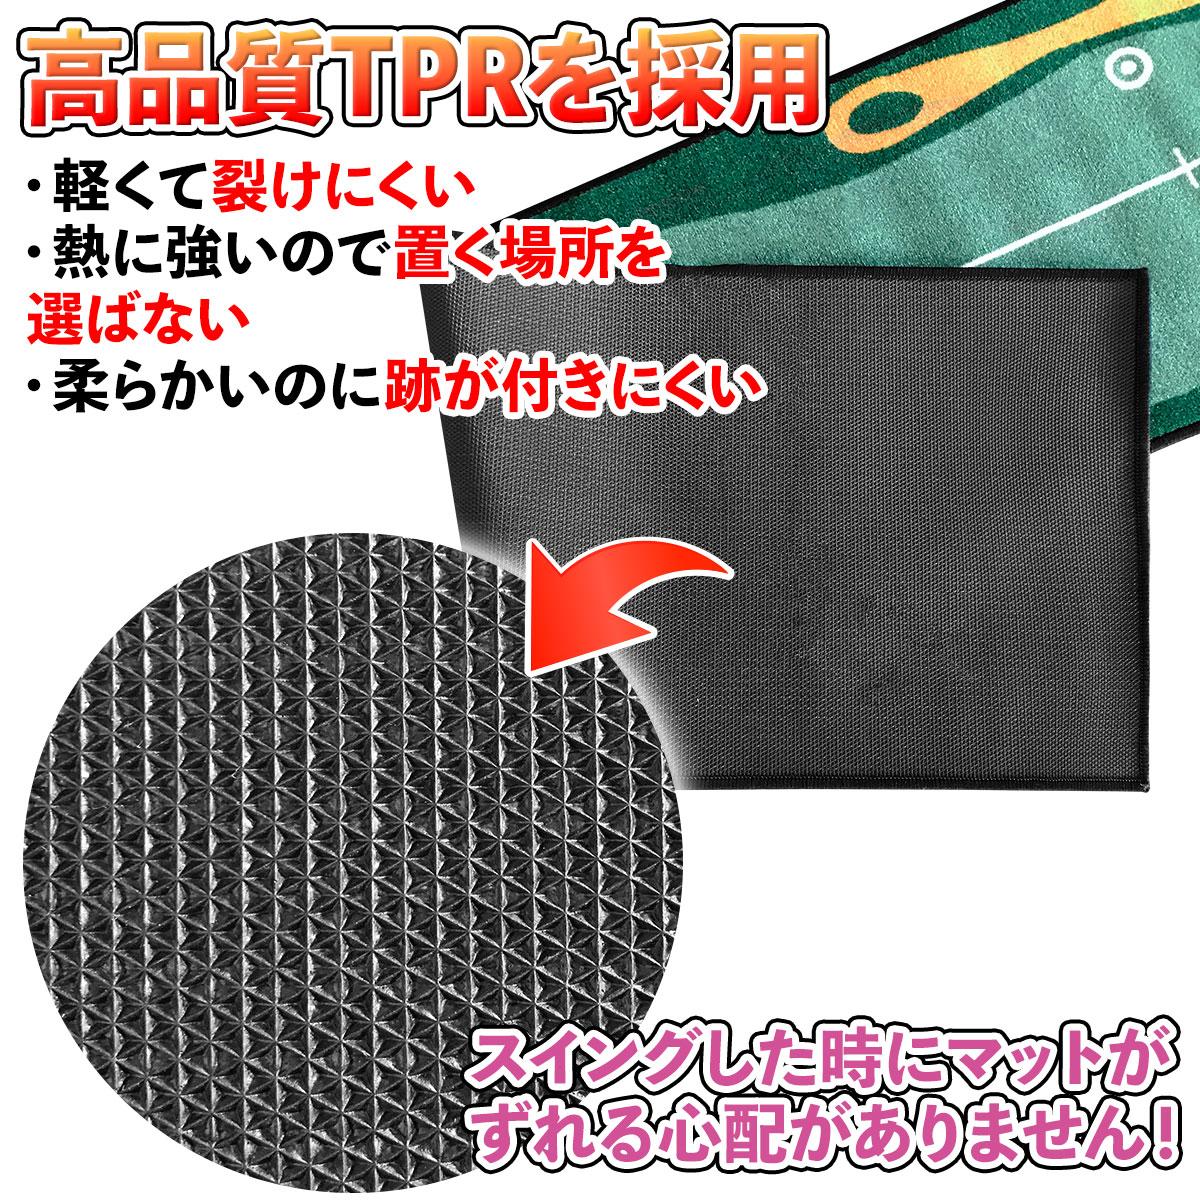 パターマット ゴルフ パター 練習 マット カーペットタイプ 50cm×3m Cシリーズ P3セット